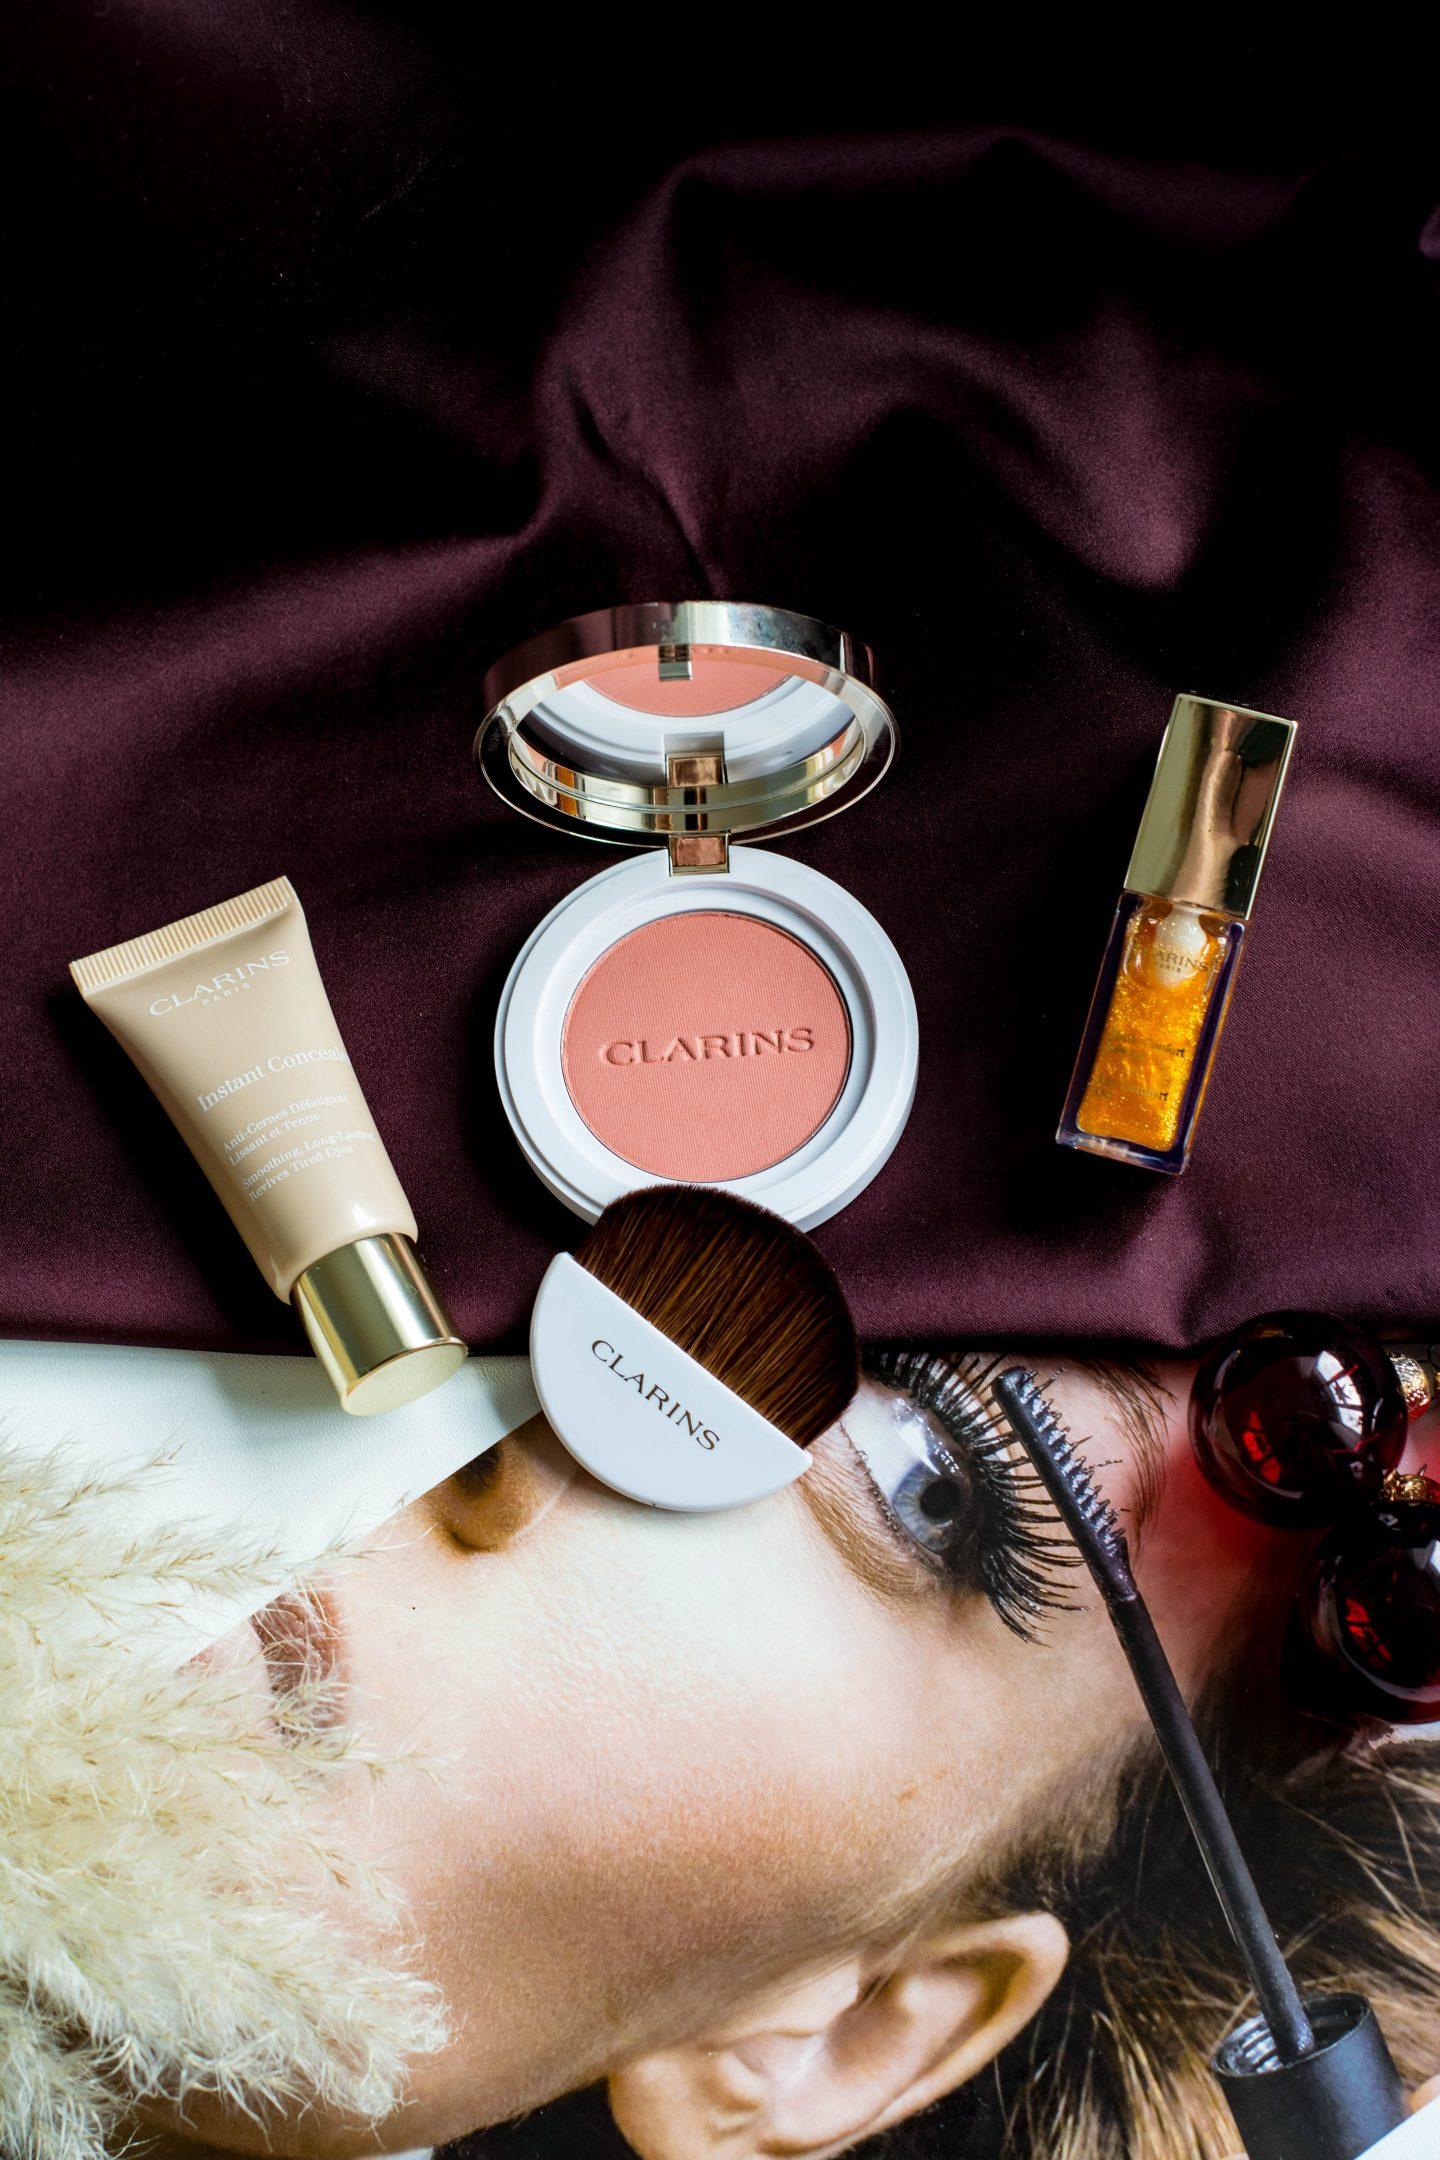 Honey Glam, Gold, Glitzer, strahlen, leuchtende Augen, Drei Produkte schnelles make-up, natürliches Make-up, 5 Minuten Make-up, get your Glamour, Pflege und Strahlkraft